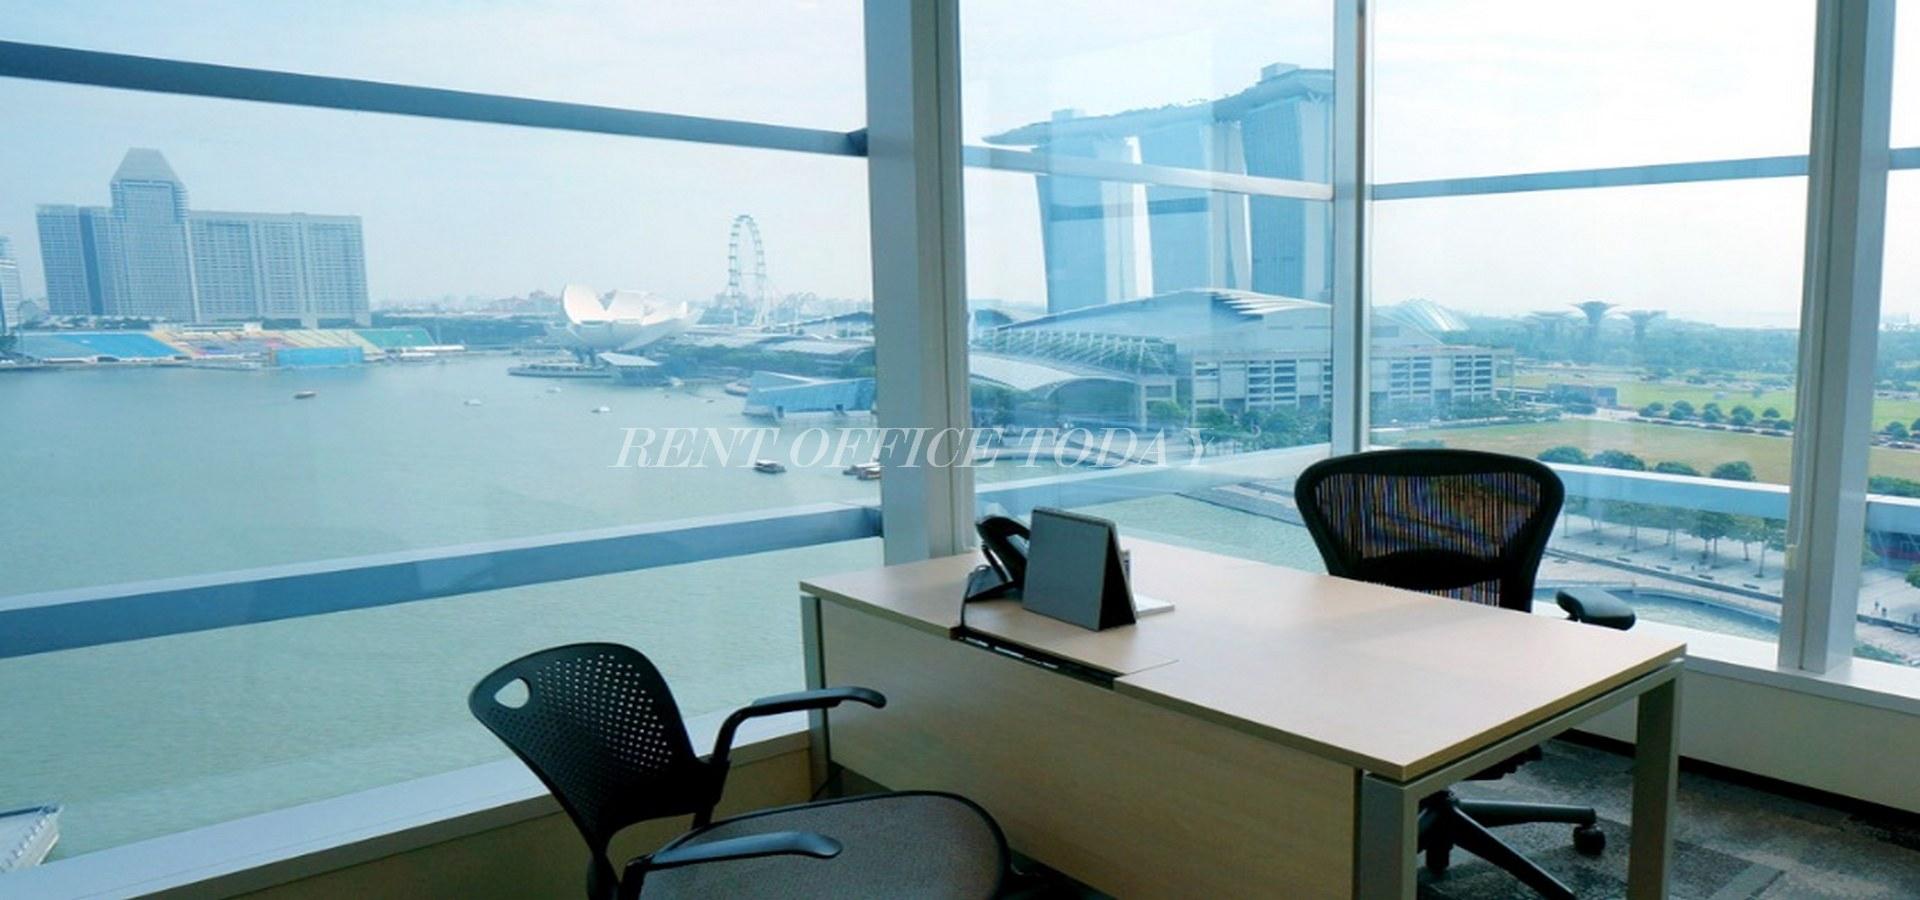 مكتب للايجار marina bay financial centre-14